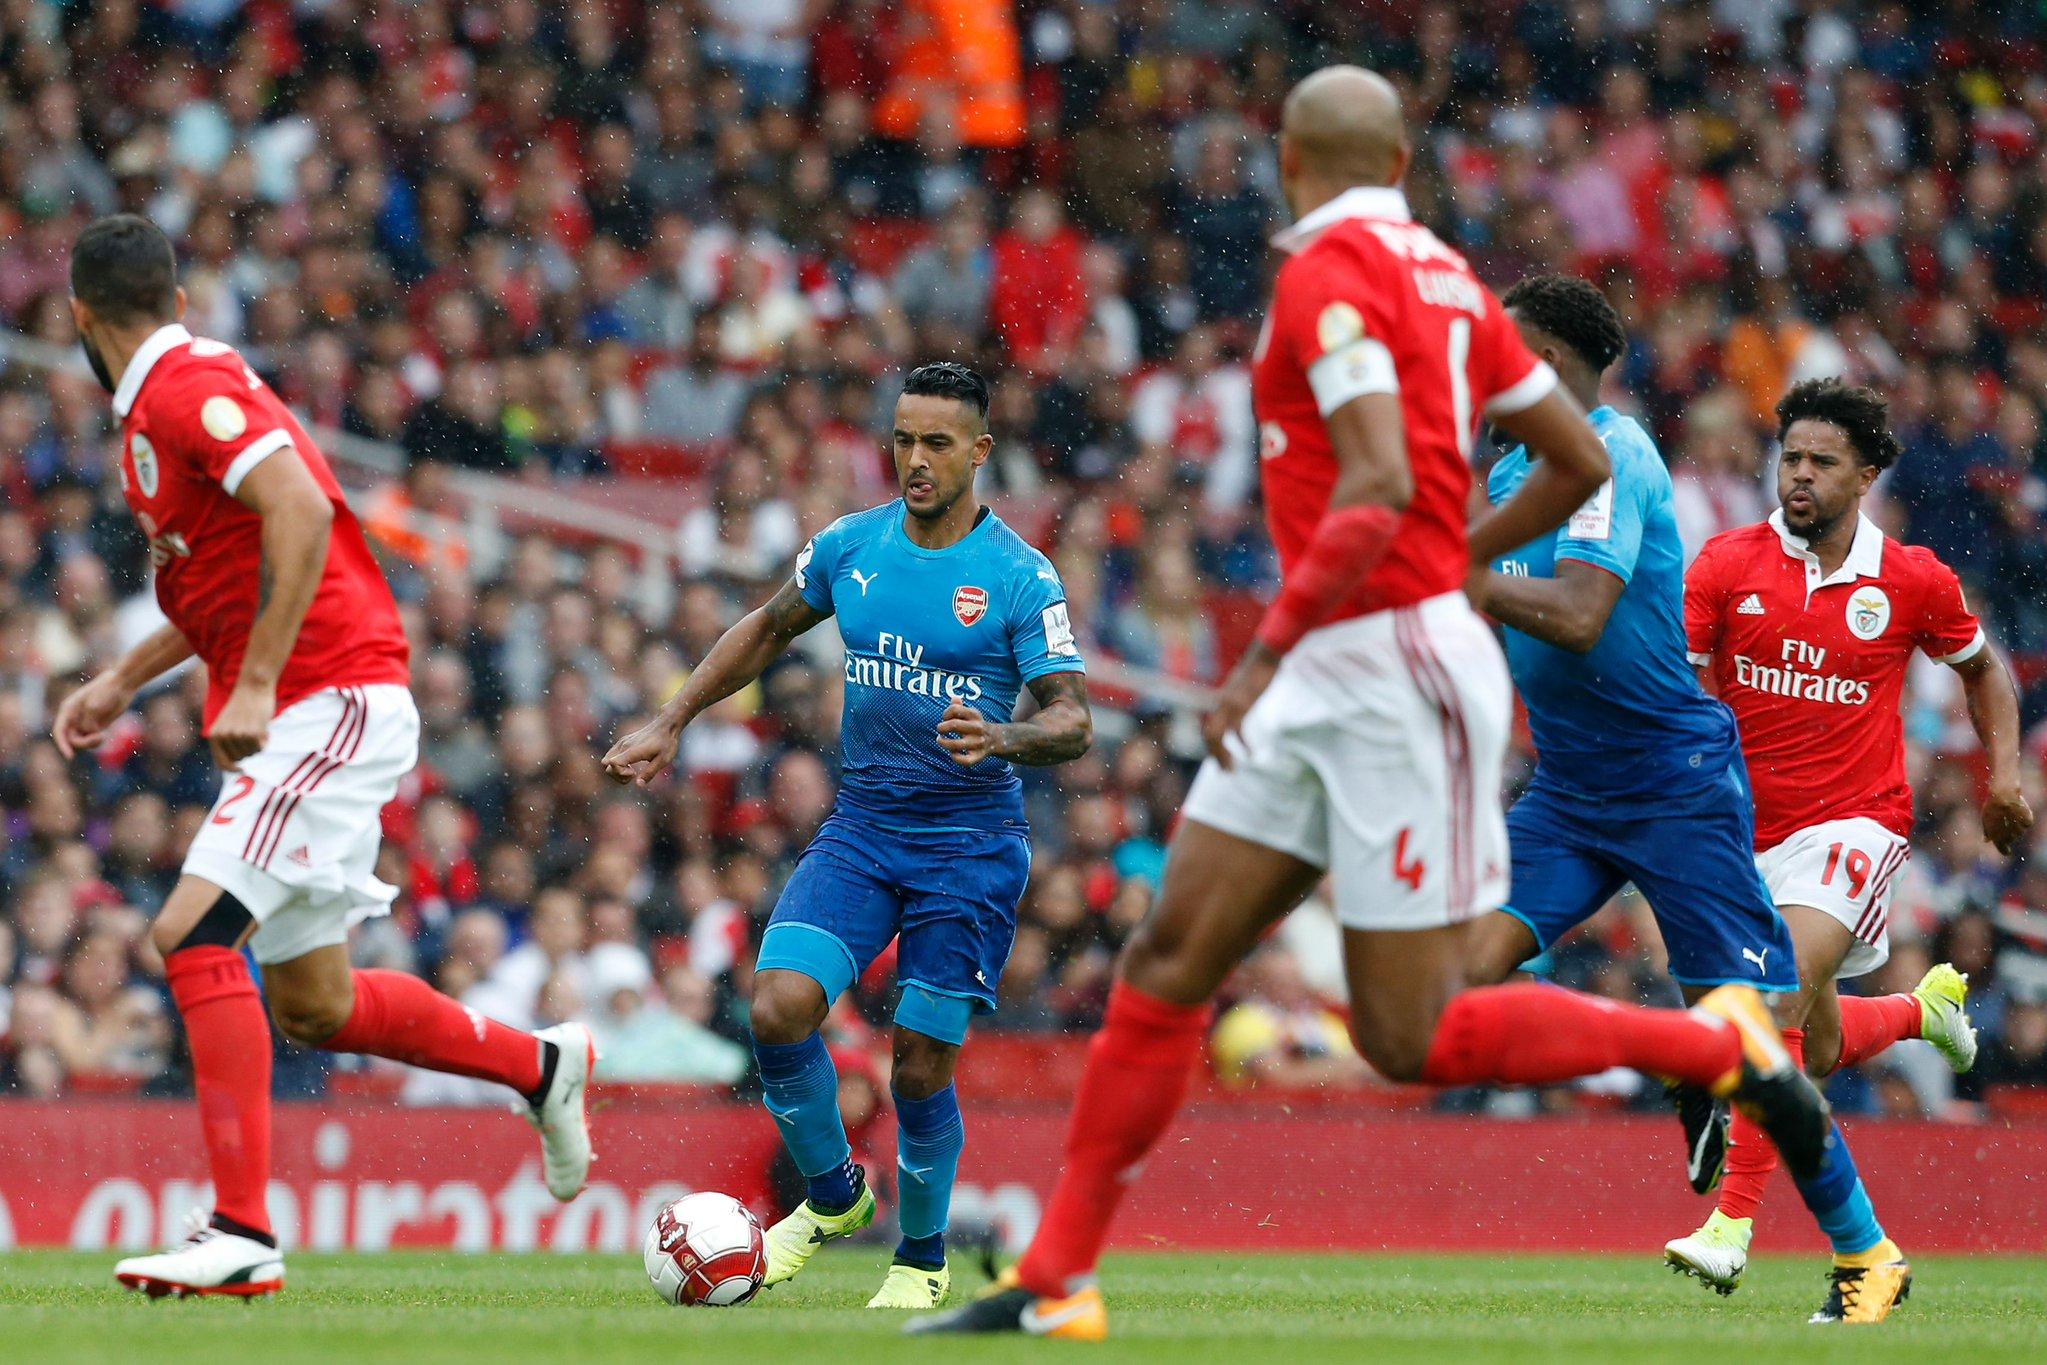 Emirates Cup: Iwobi, Walcott, Giroud Score As Arsenal Thrash Benfica